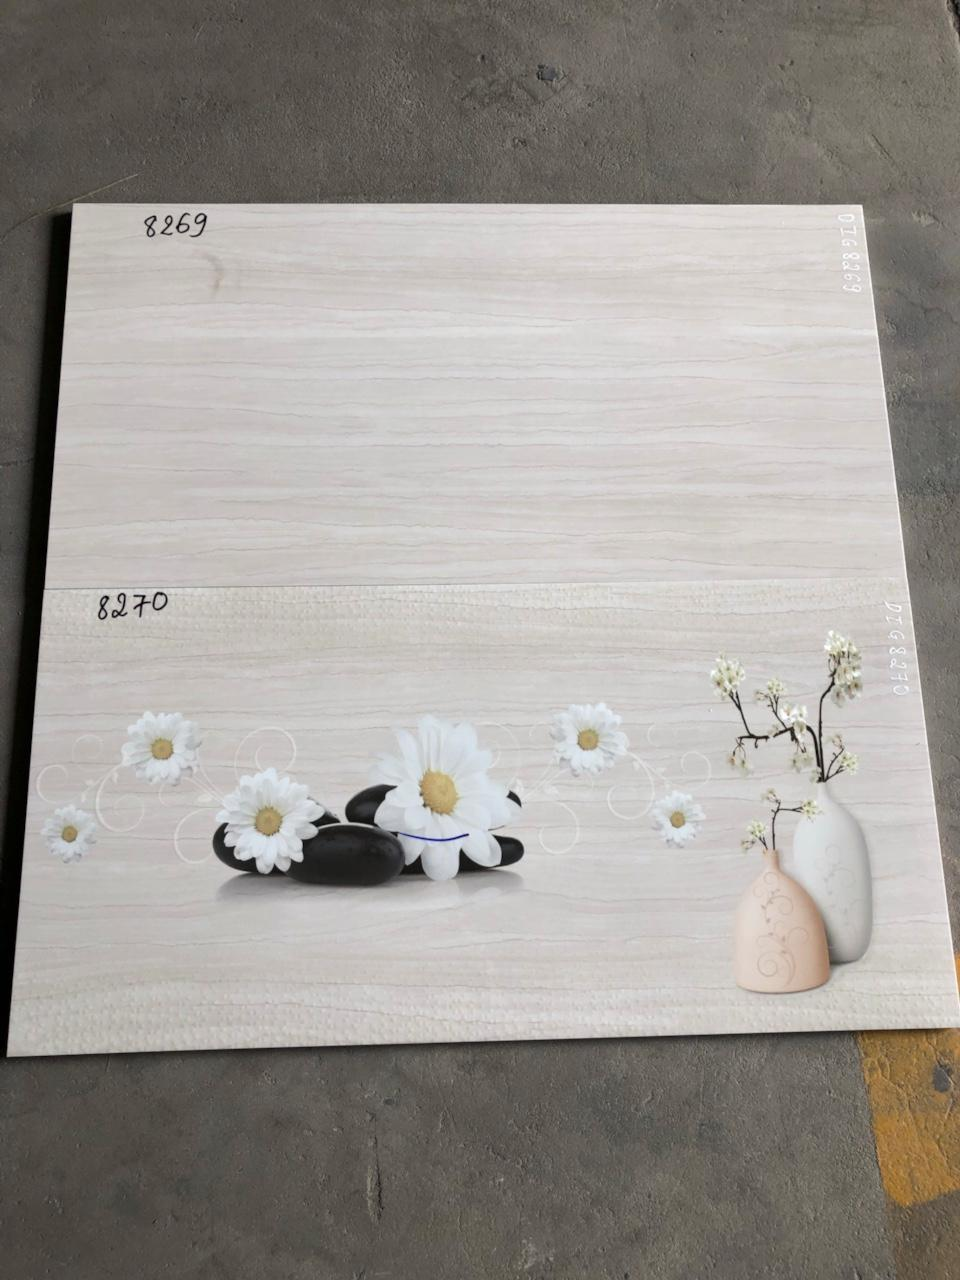 EVL8269